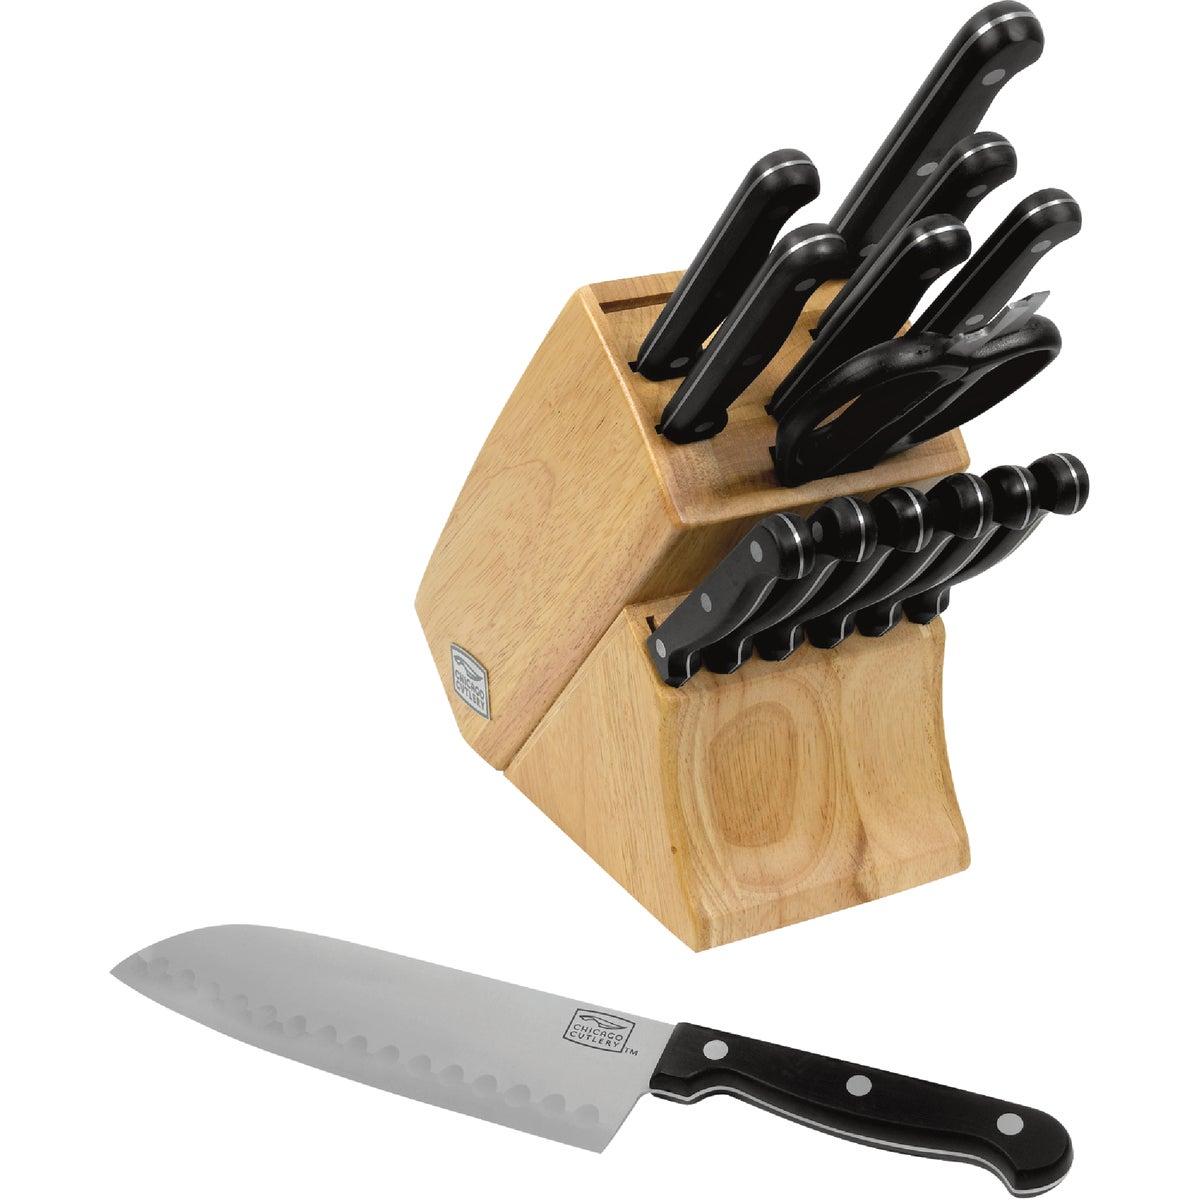 15PC ESSNTIALS KNIFE SET - 1080719 by World Kitchen  Ekco